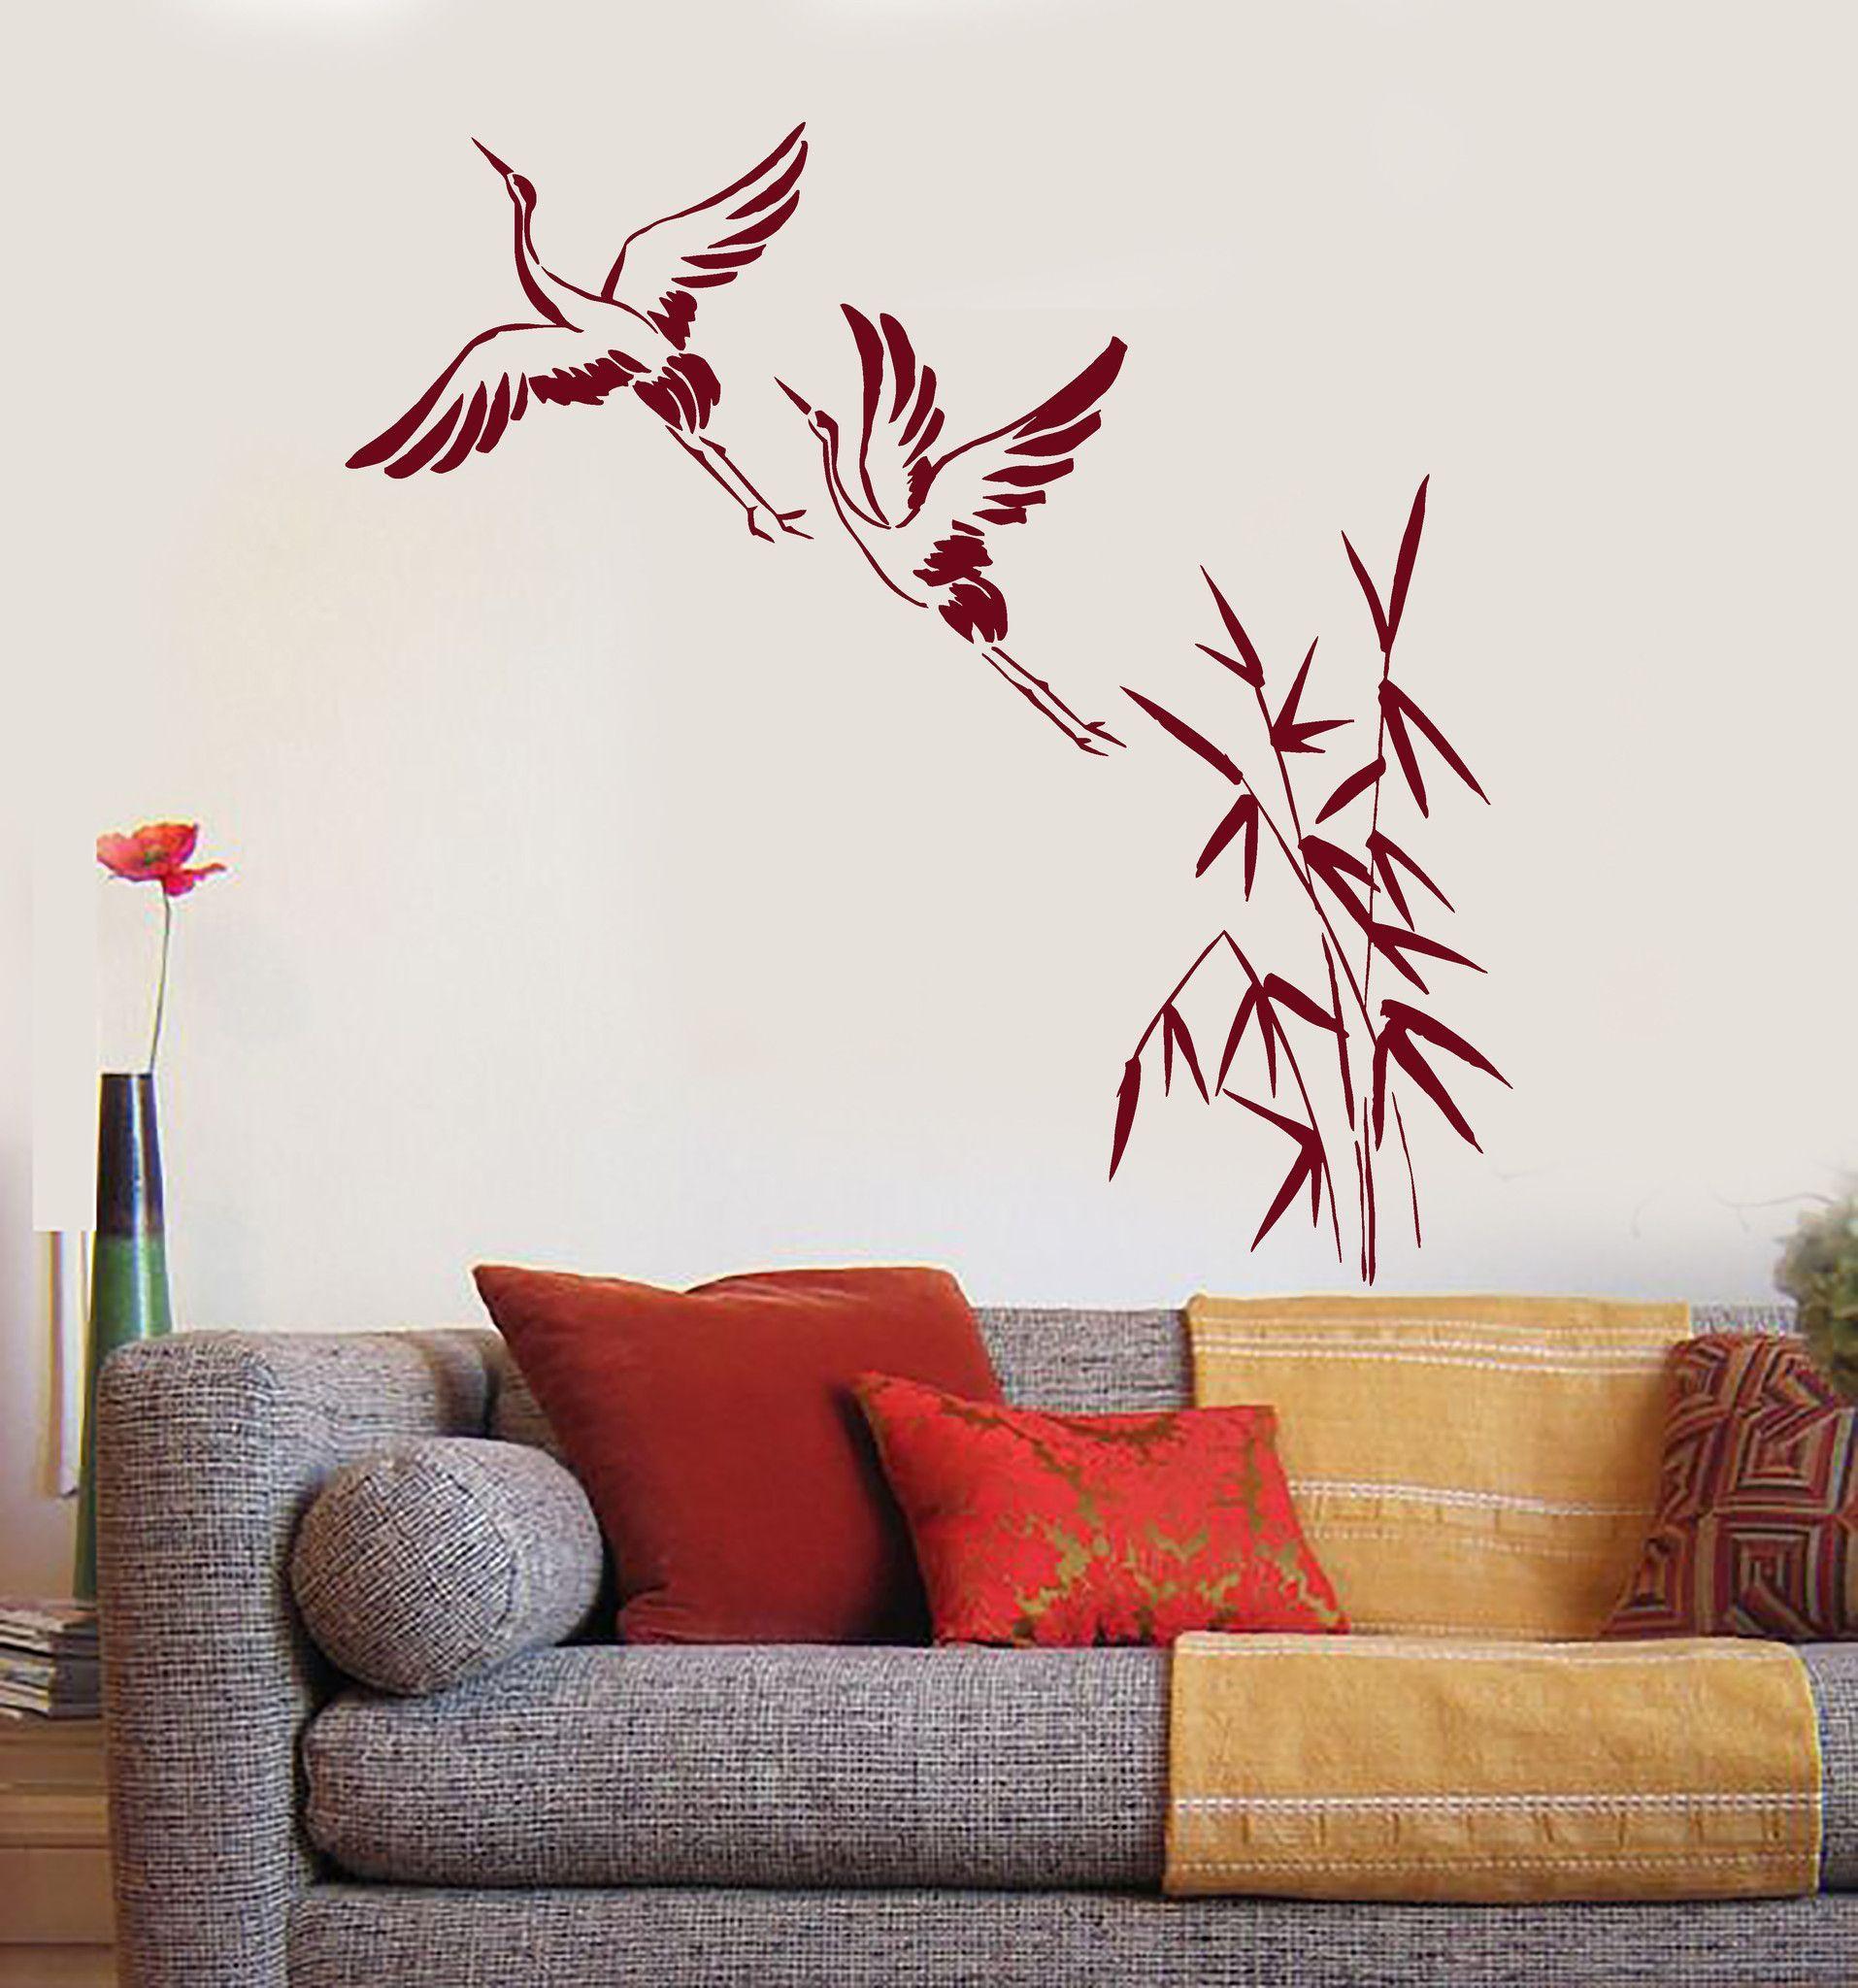 Vinyl Wall Decal Cranes Bamboo Asian Birds Japanese Art Stickers - Vinyl wall decals bamboo